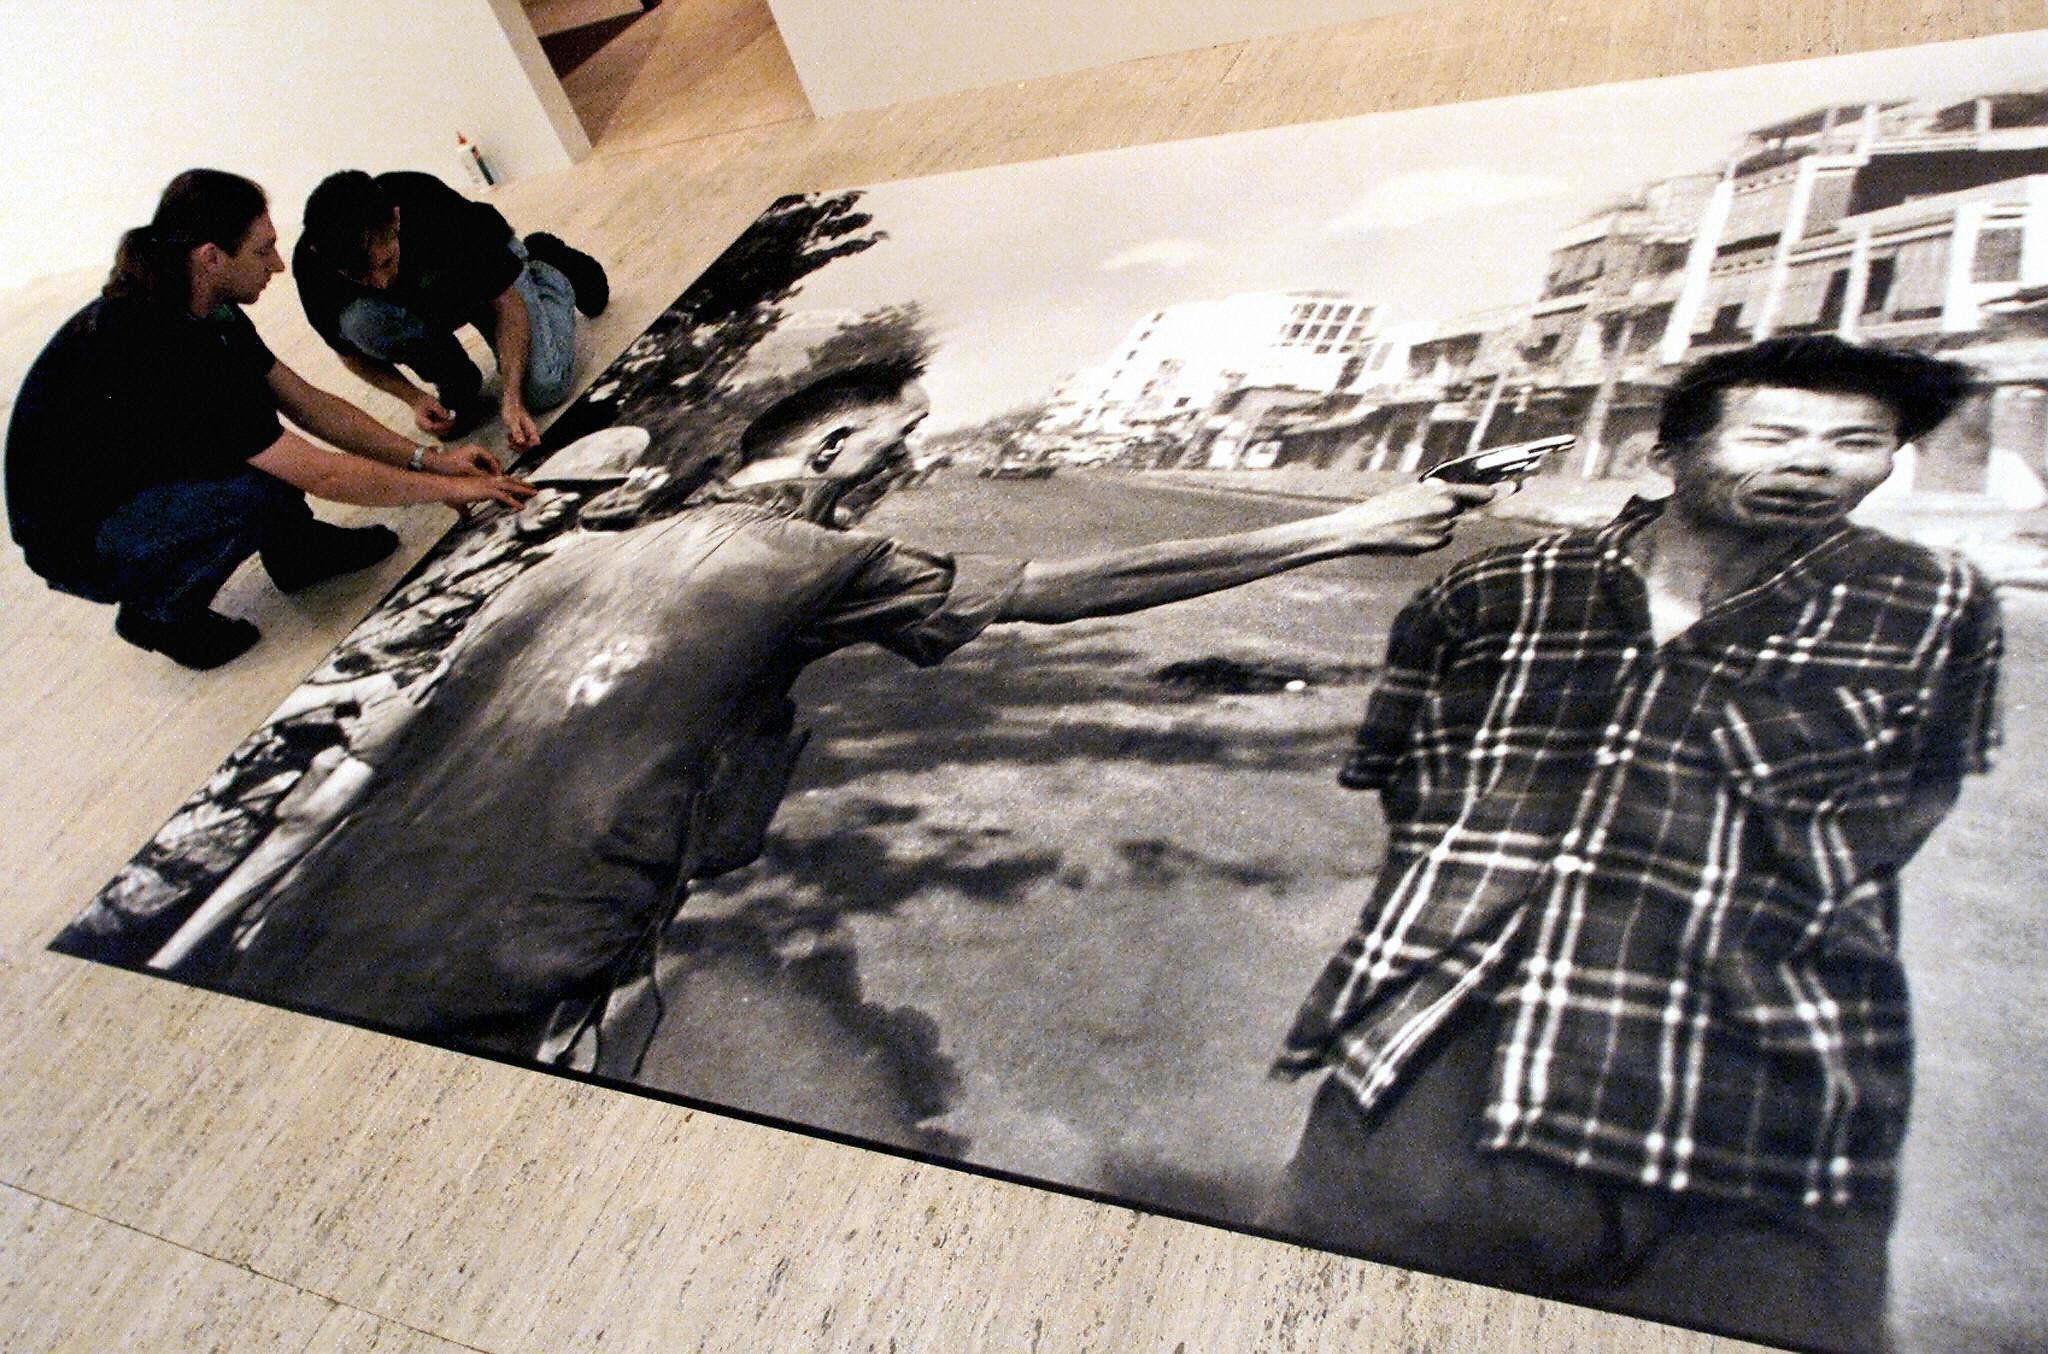 «Εκτέλεση στην Σαϊγκόν». Η φωτογραφία που άλλαξε τον ρου του πολέμου στο Βιετνάμ, η ιστορία και τα πρόσωπα πίσω από